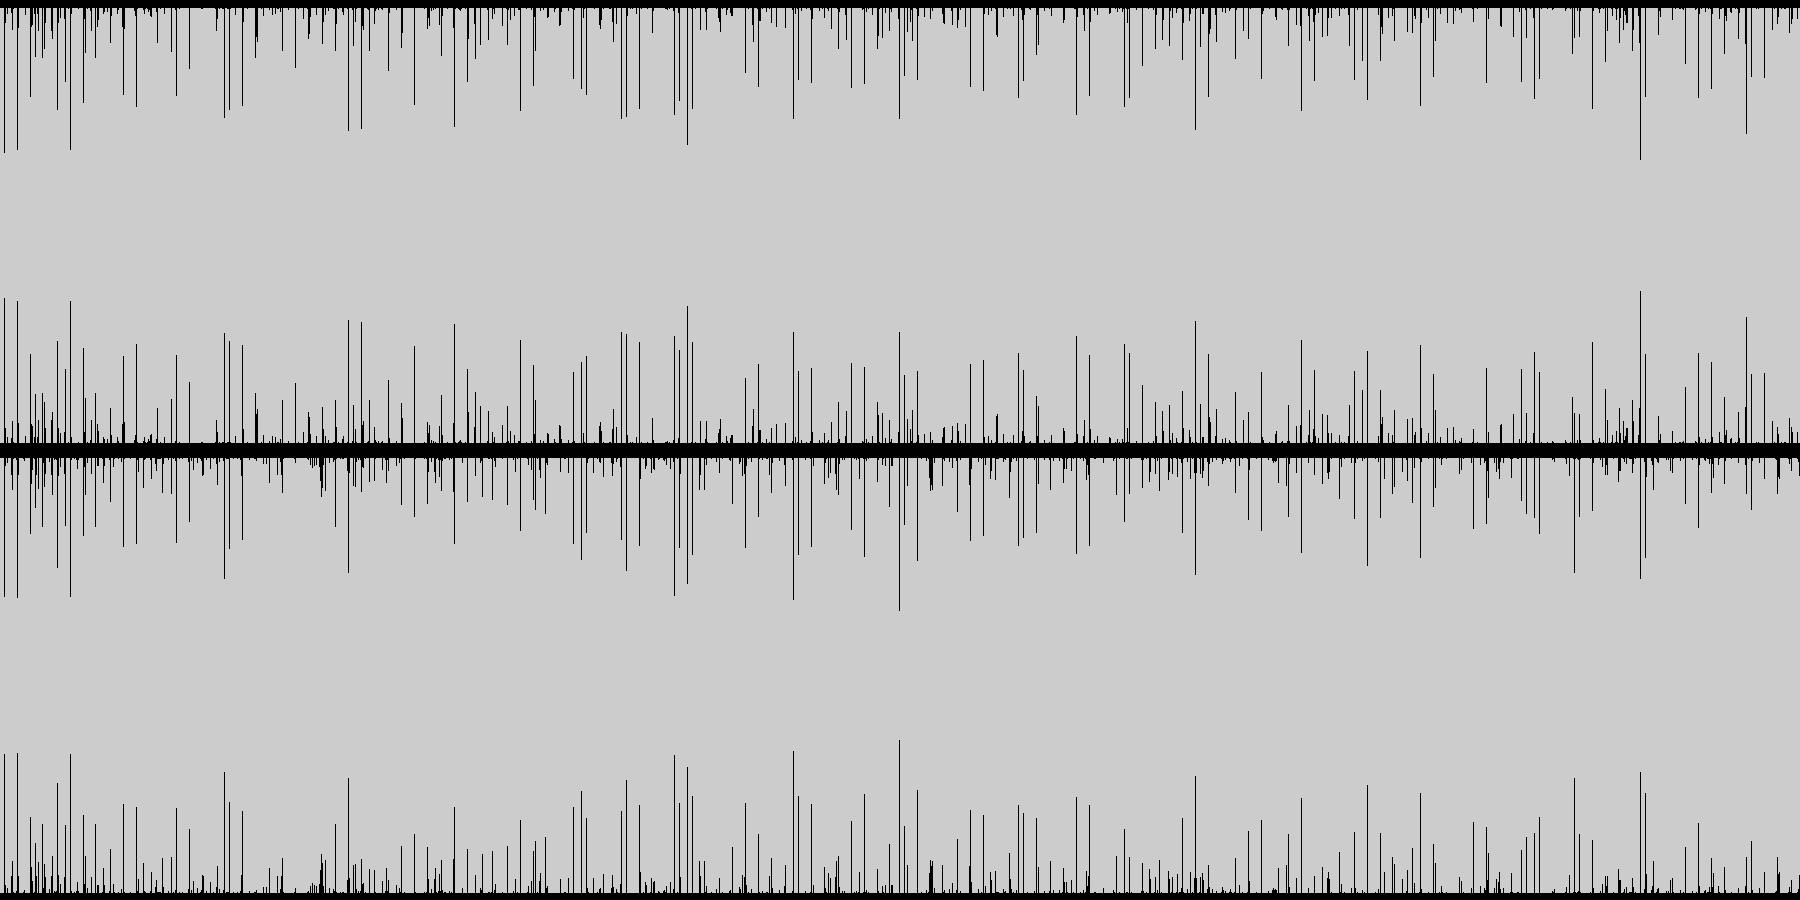 緊張感や幻想的な雰囲気を演出するBGMの未再生の波形